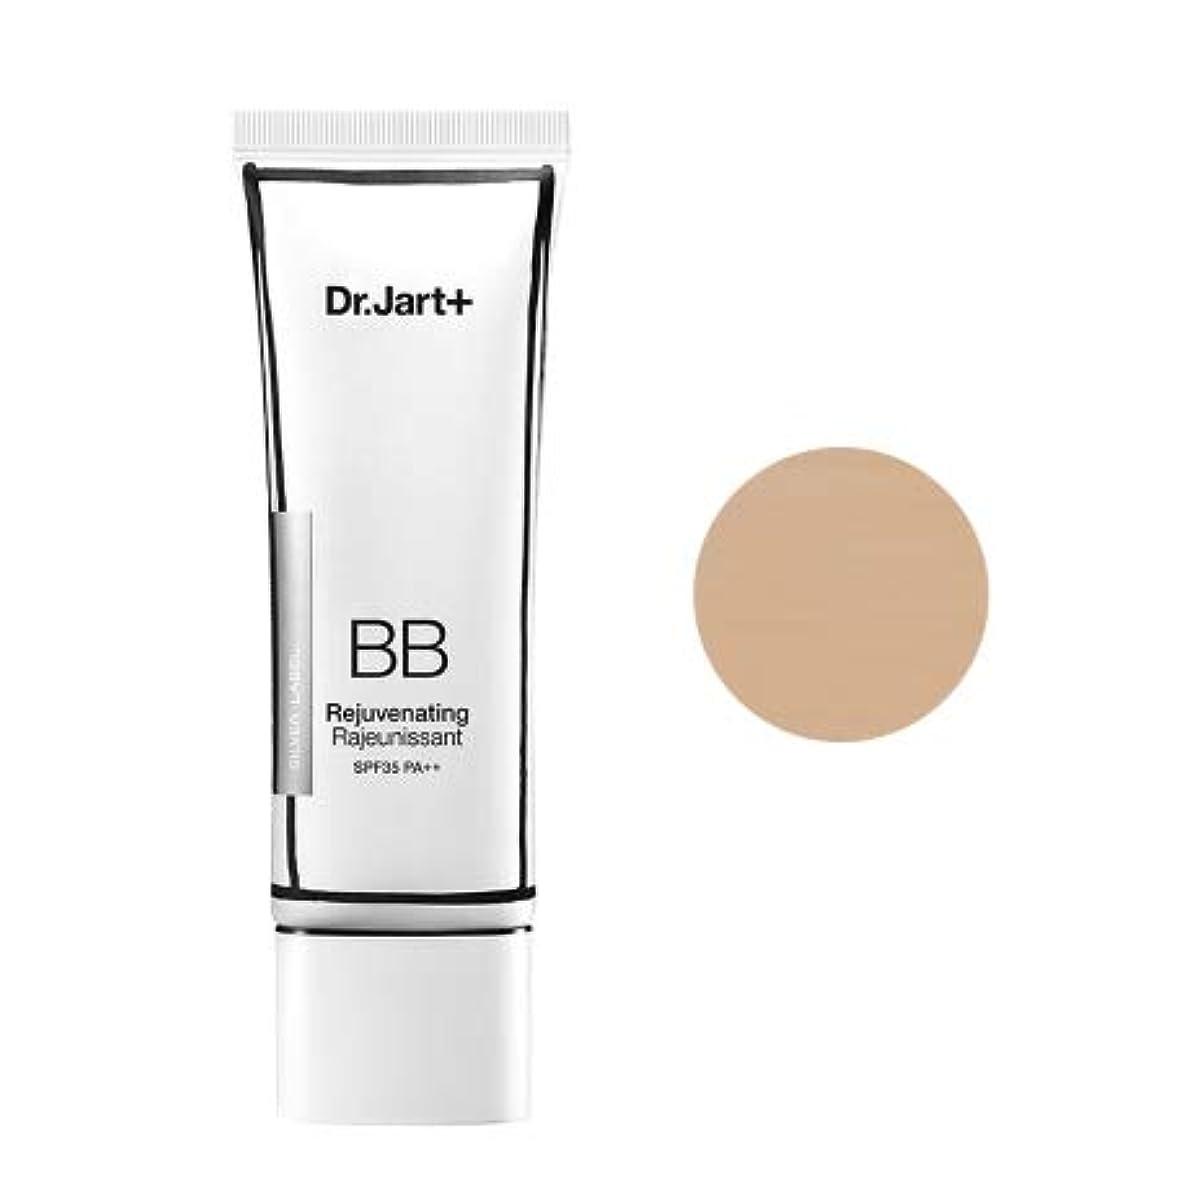 即席侵入するラック[Upgrade] Dr.Jart+Dermakeup Rejuvenating Beauty Balm SPF35 PA++ 50ml /ドクタージャルトゥザメーキャップリージュビネイティンビューティーバーム SPF35...